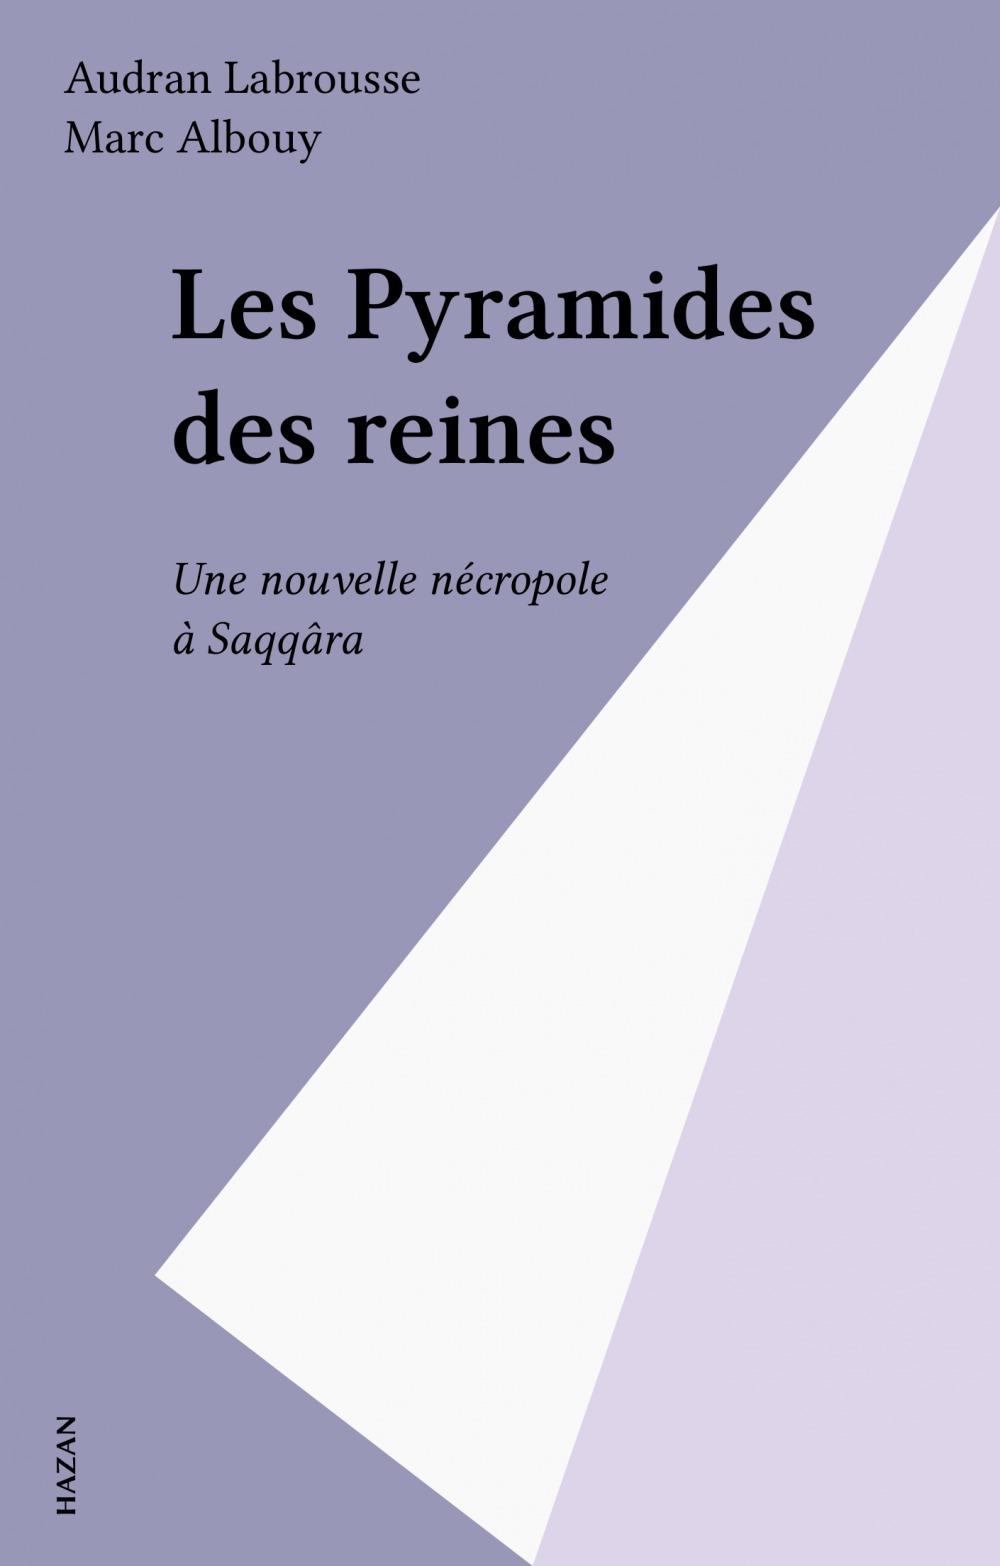 Les pyramides des reines